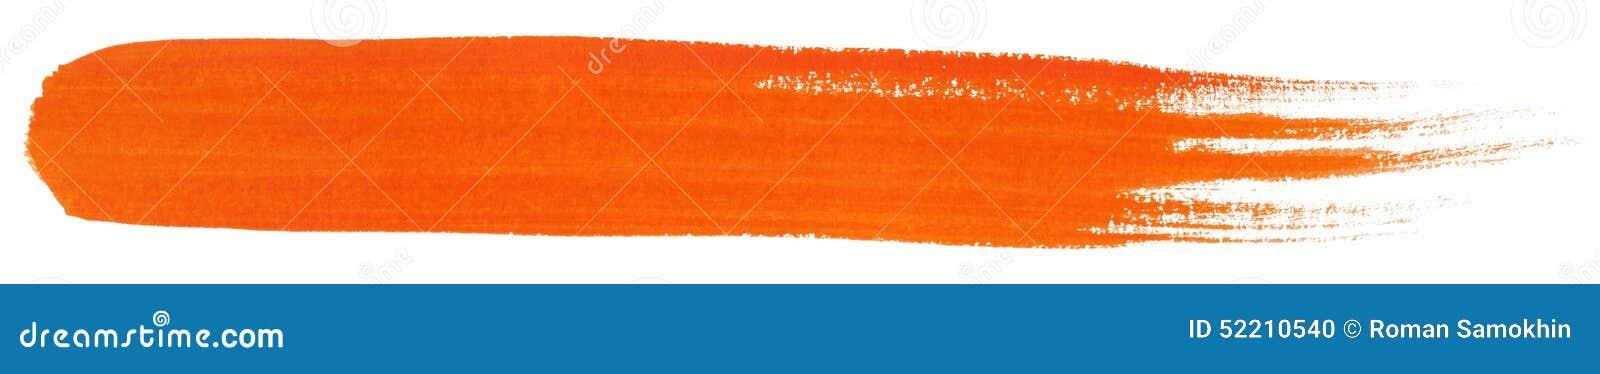 Oranje slag van de borstel van de gouacheverf